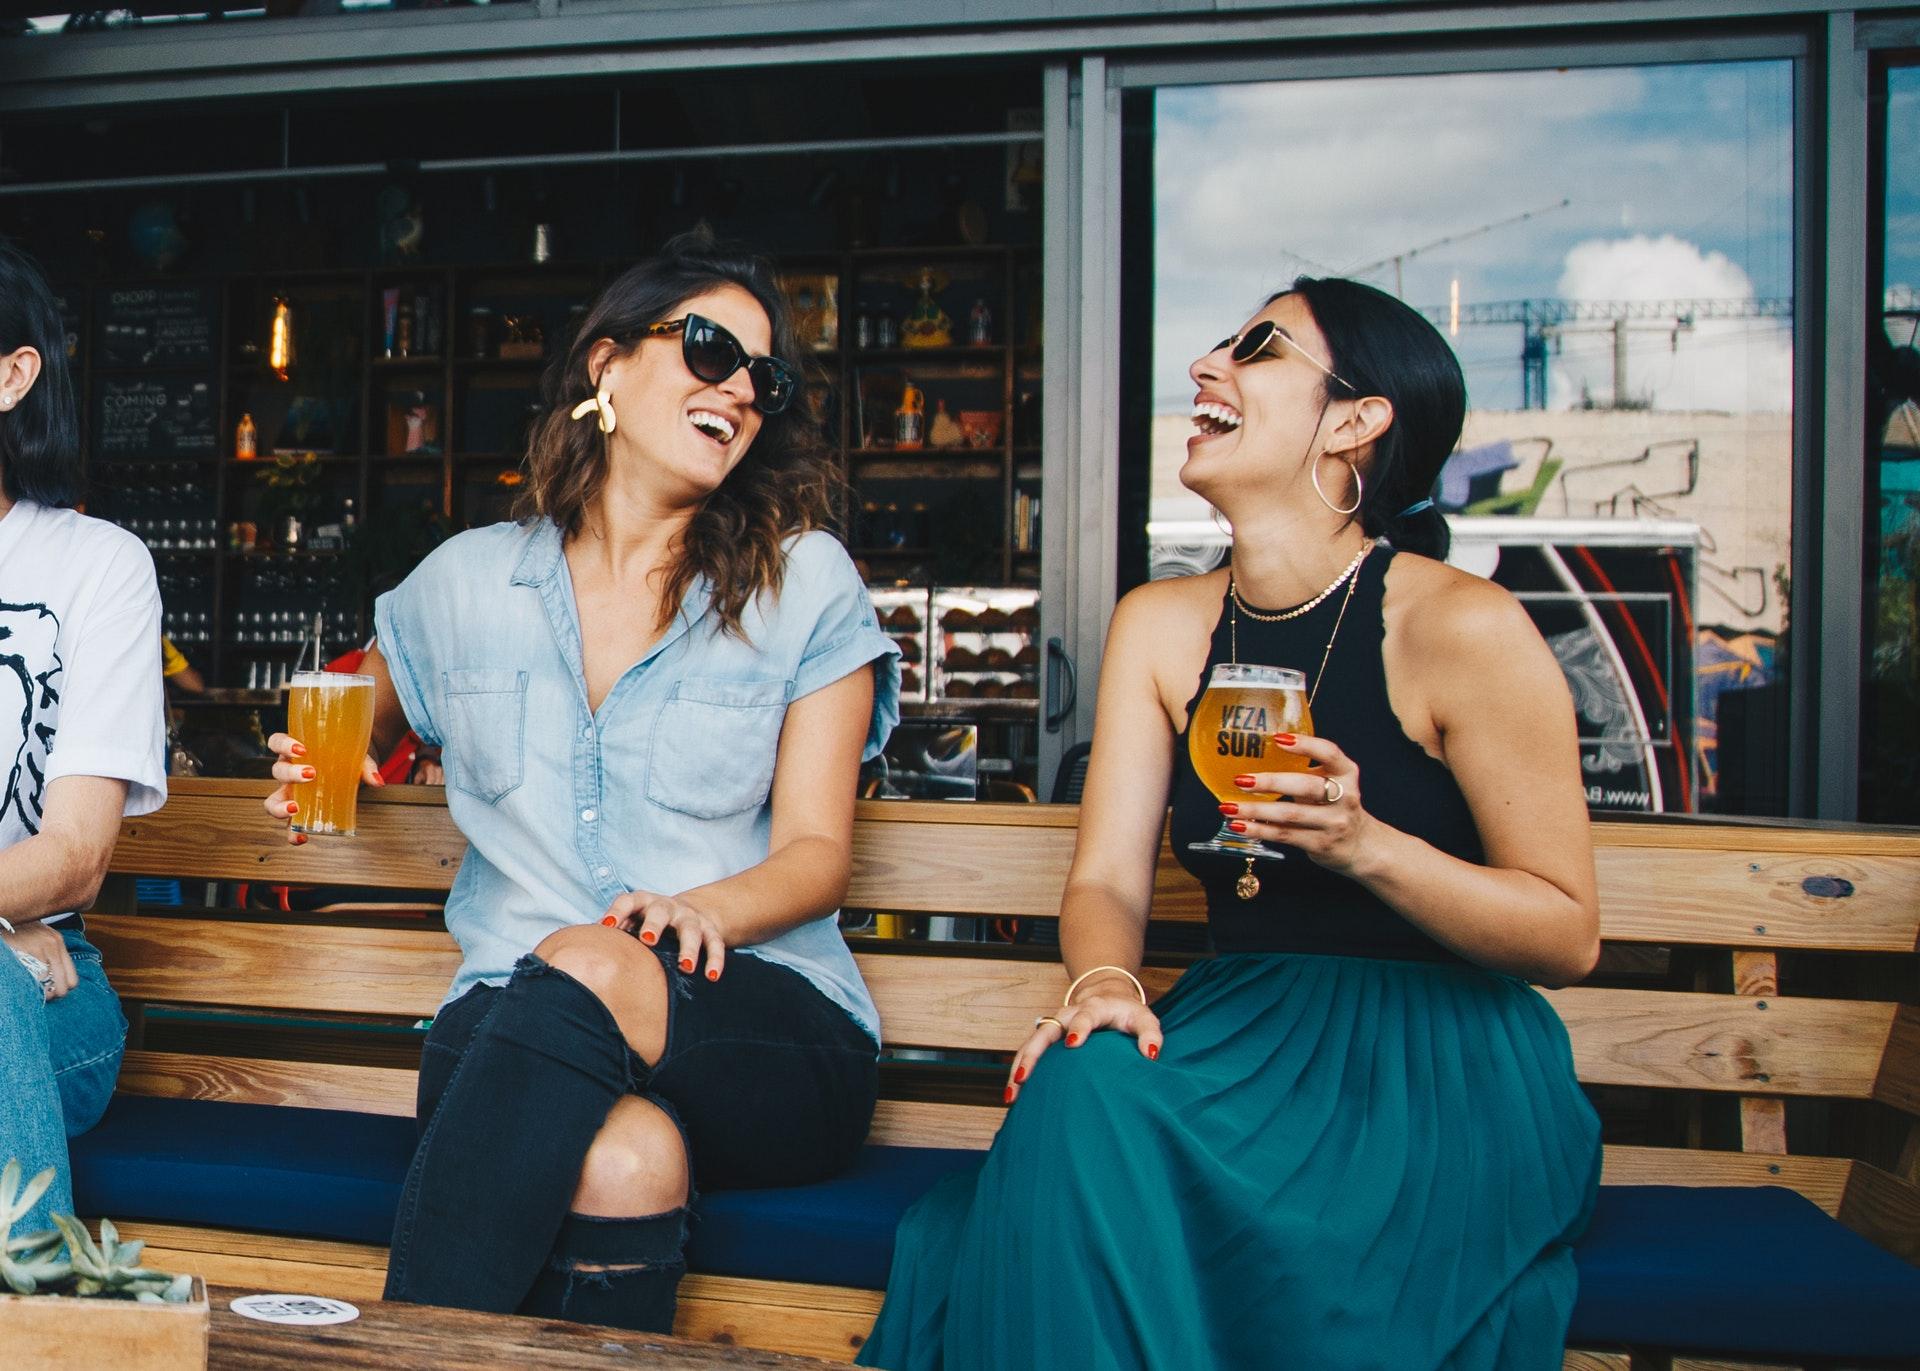 Vemos duas mulheres sorrindo enquanto seguram seus copos de cerveja (imagem ilustrativa). Texto: franquias de bares.